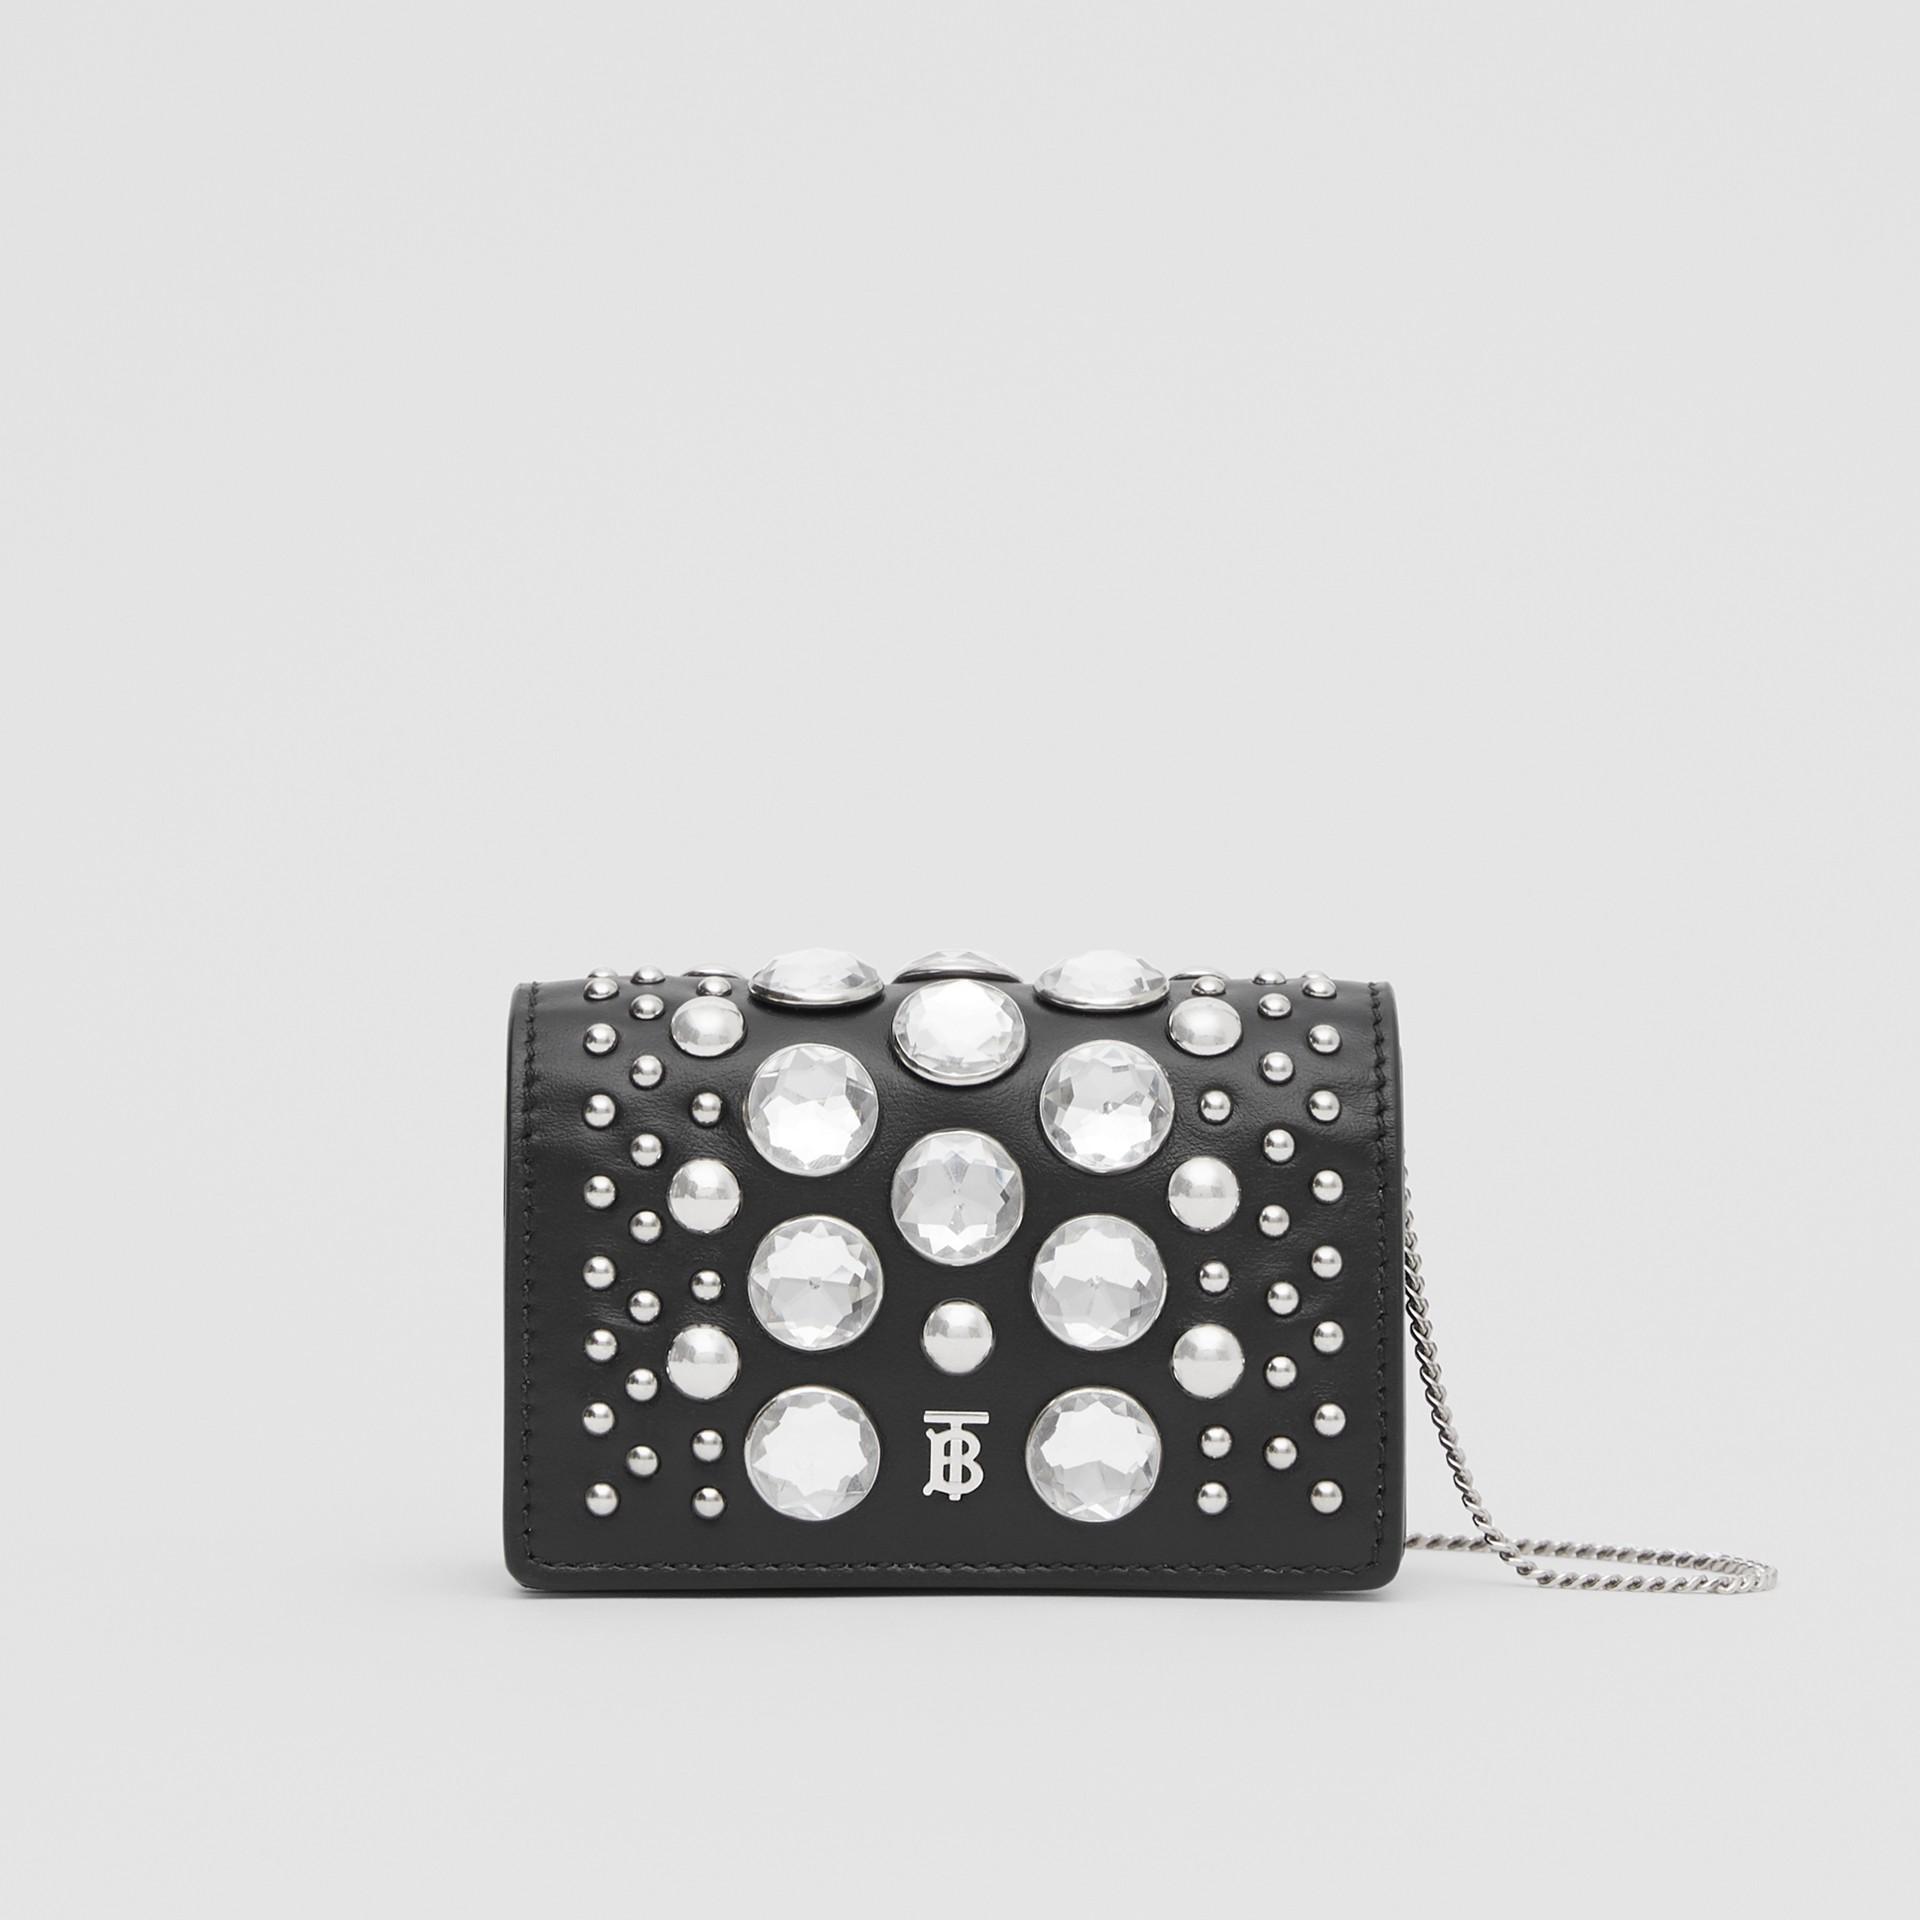 Porte-cartes en cuir avec ornements et sangle amovible (Noir)   Burberry Canada - photo de la galerie 0